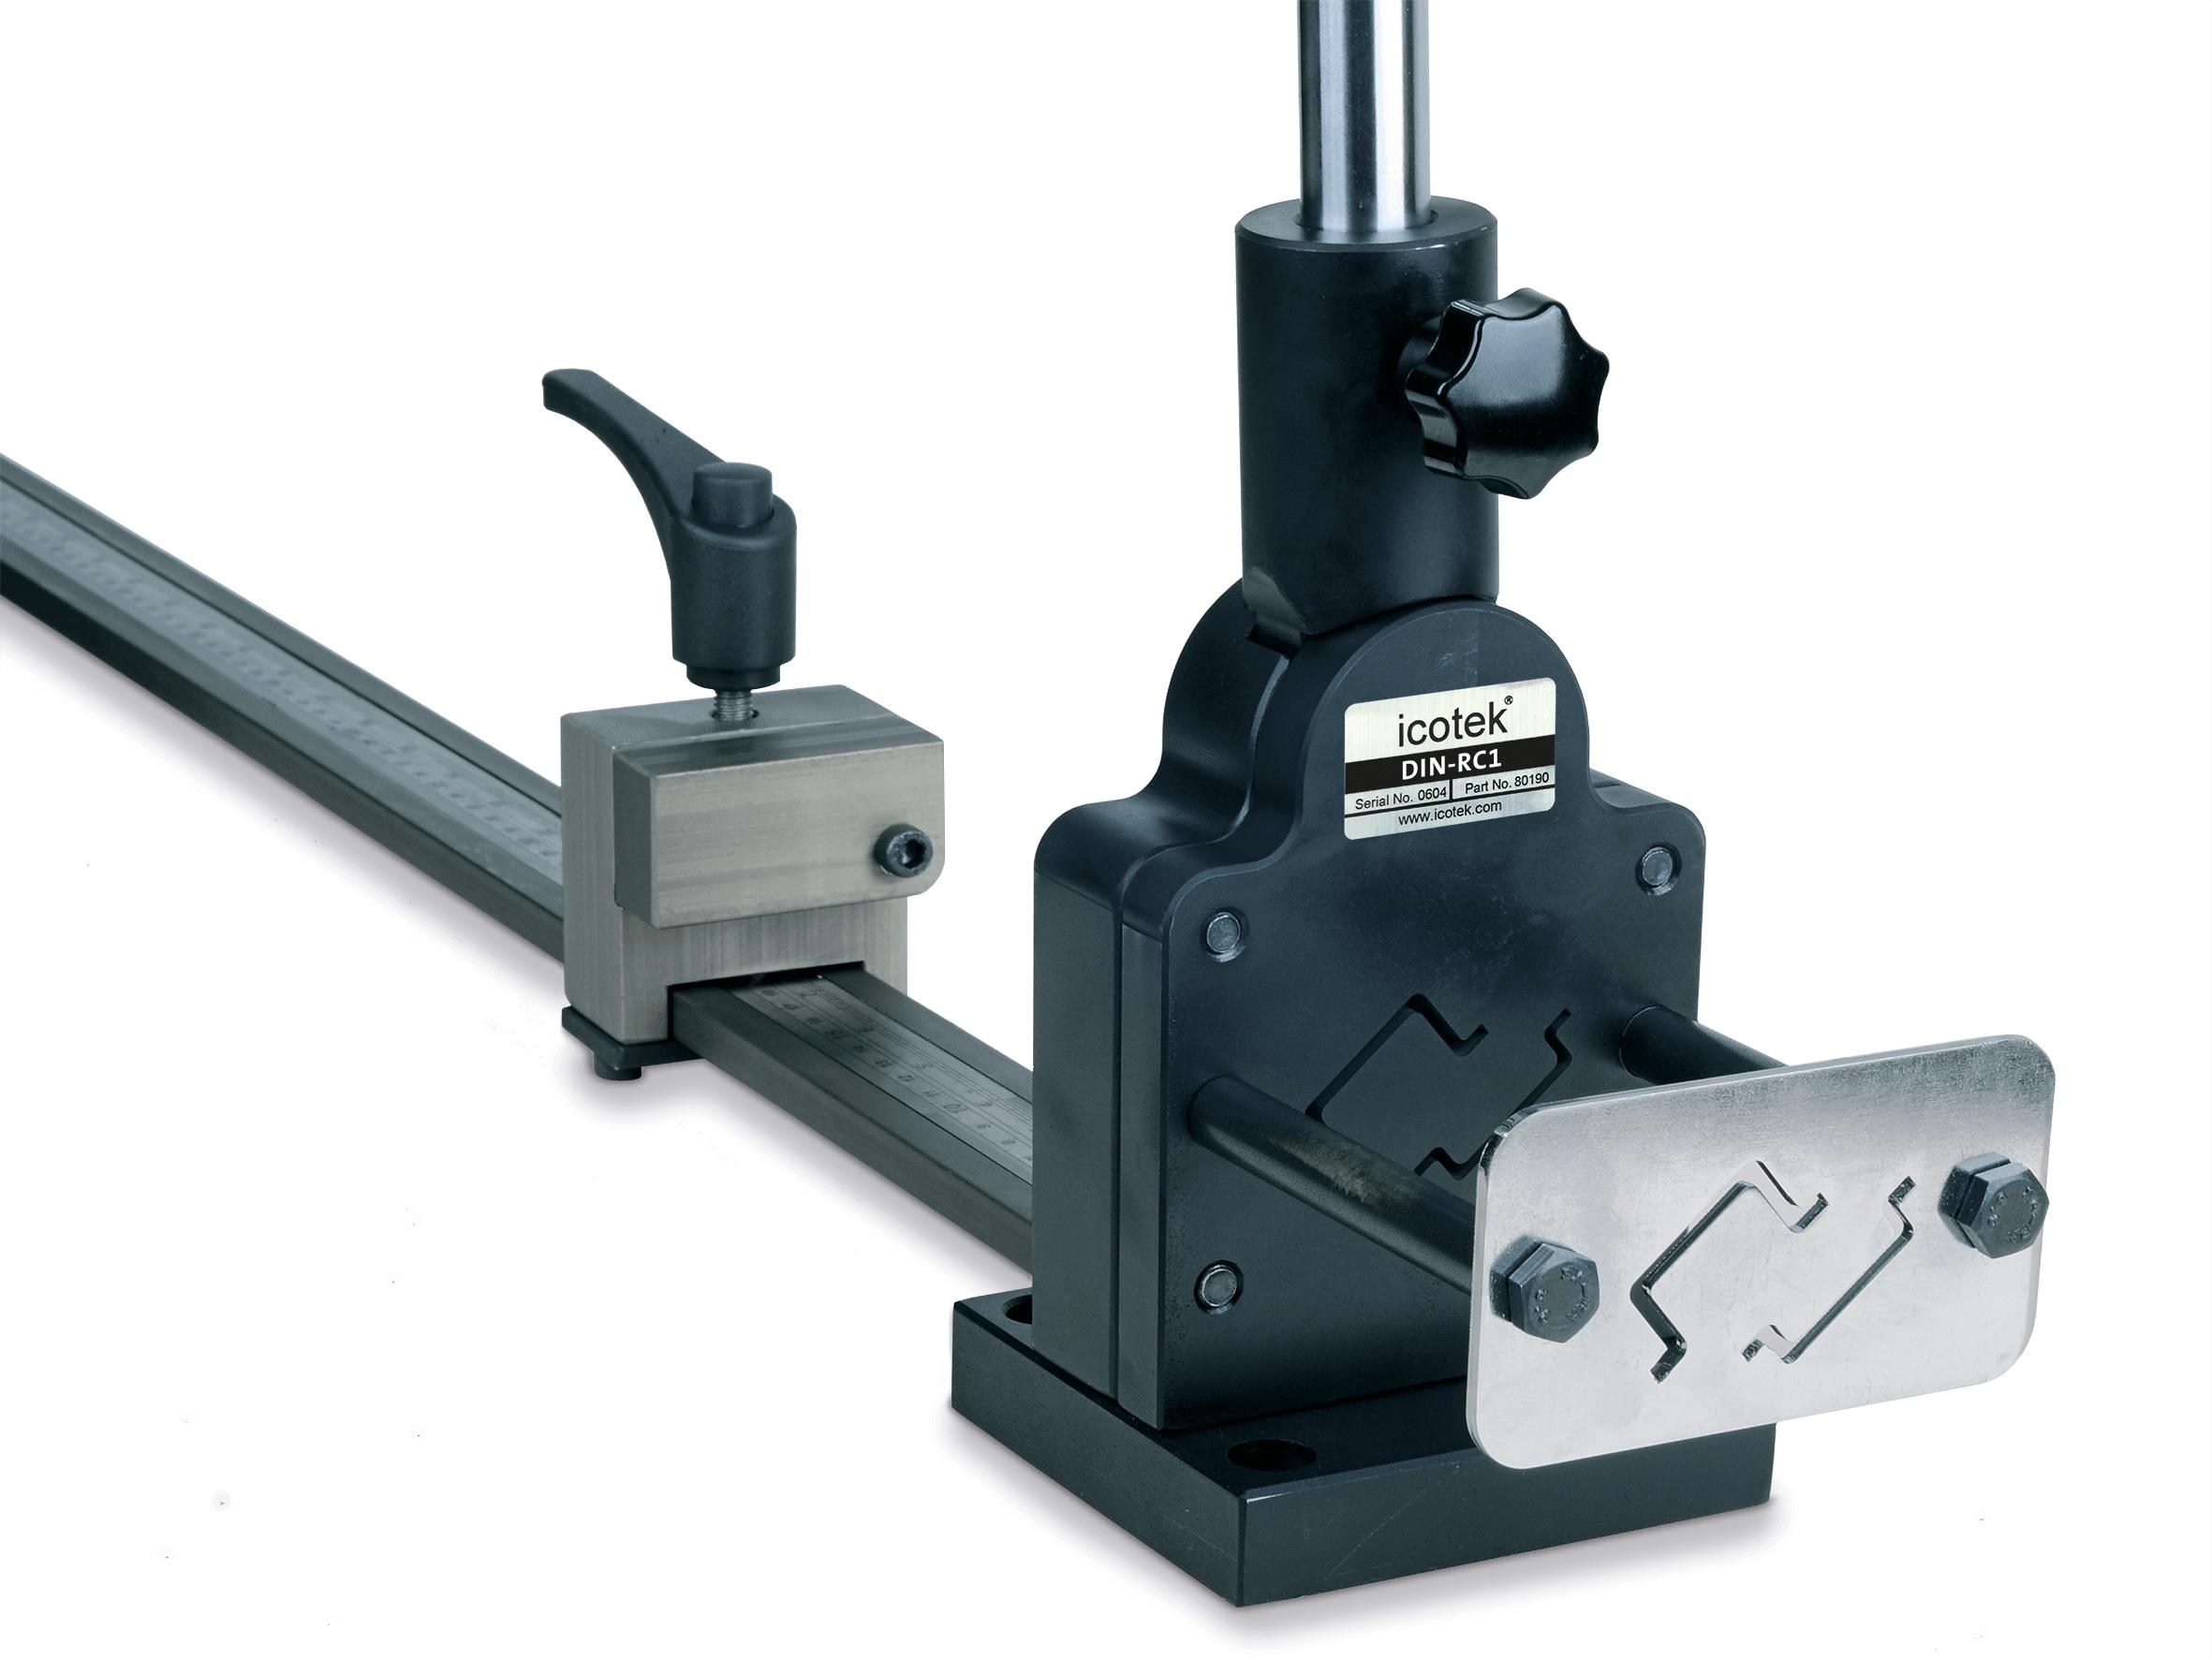 Met de DIN-rail knipper maak je eenvoudig DIN-rails op maat